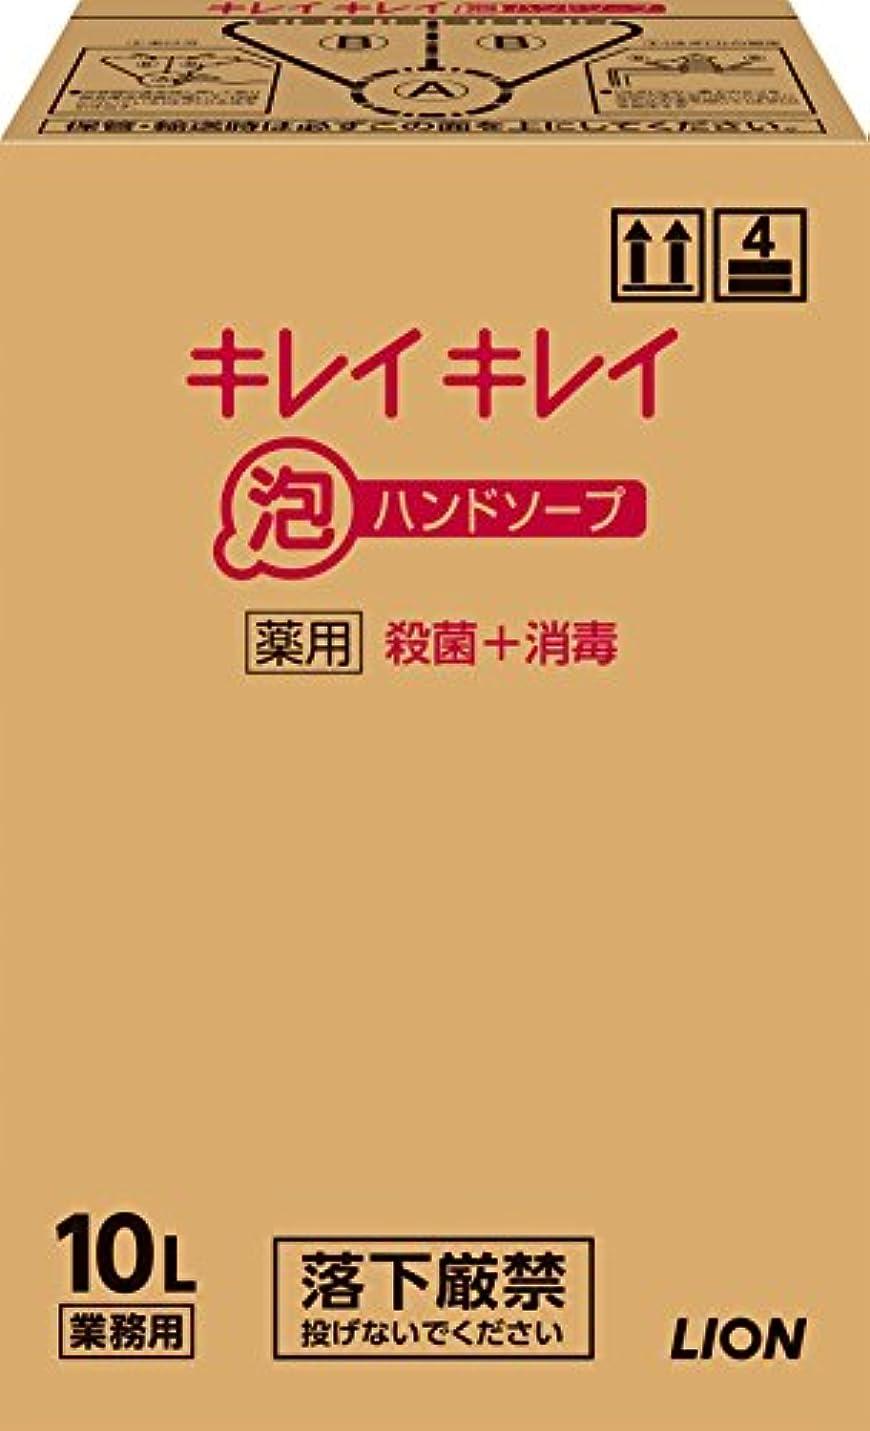 アサート唇素朴な【大容量】キレイキレイ 薬用泡ハンドソープ 10L